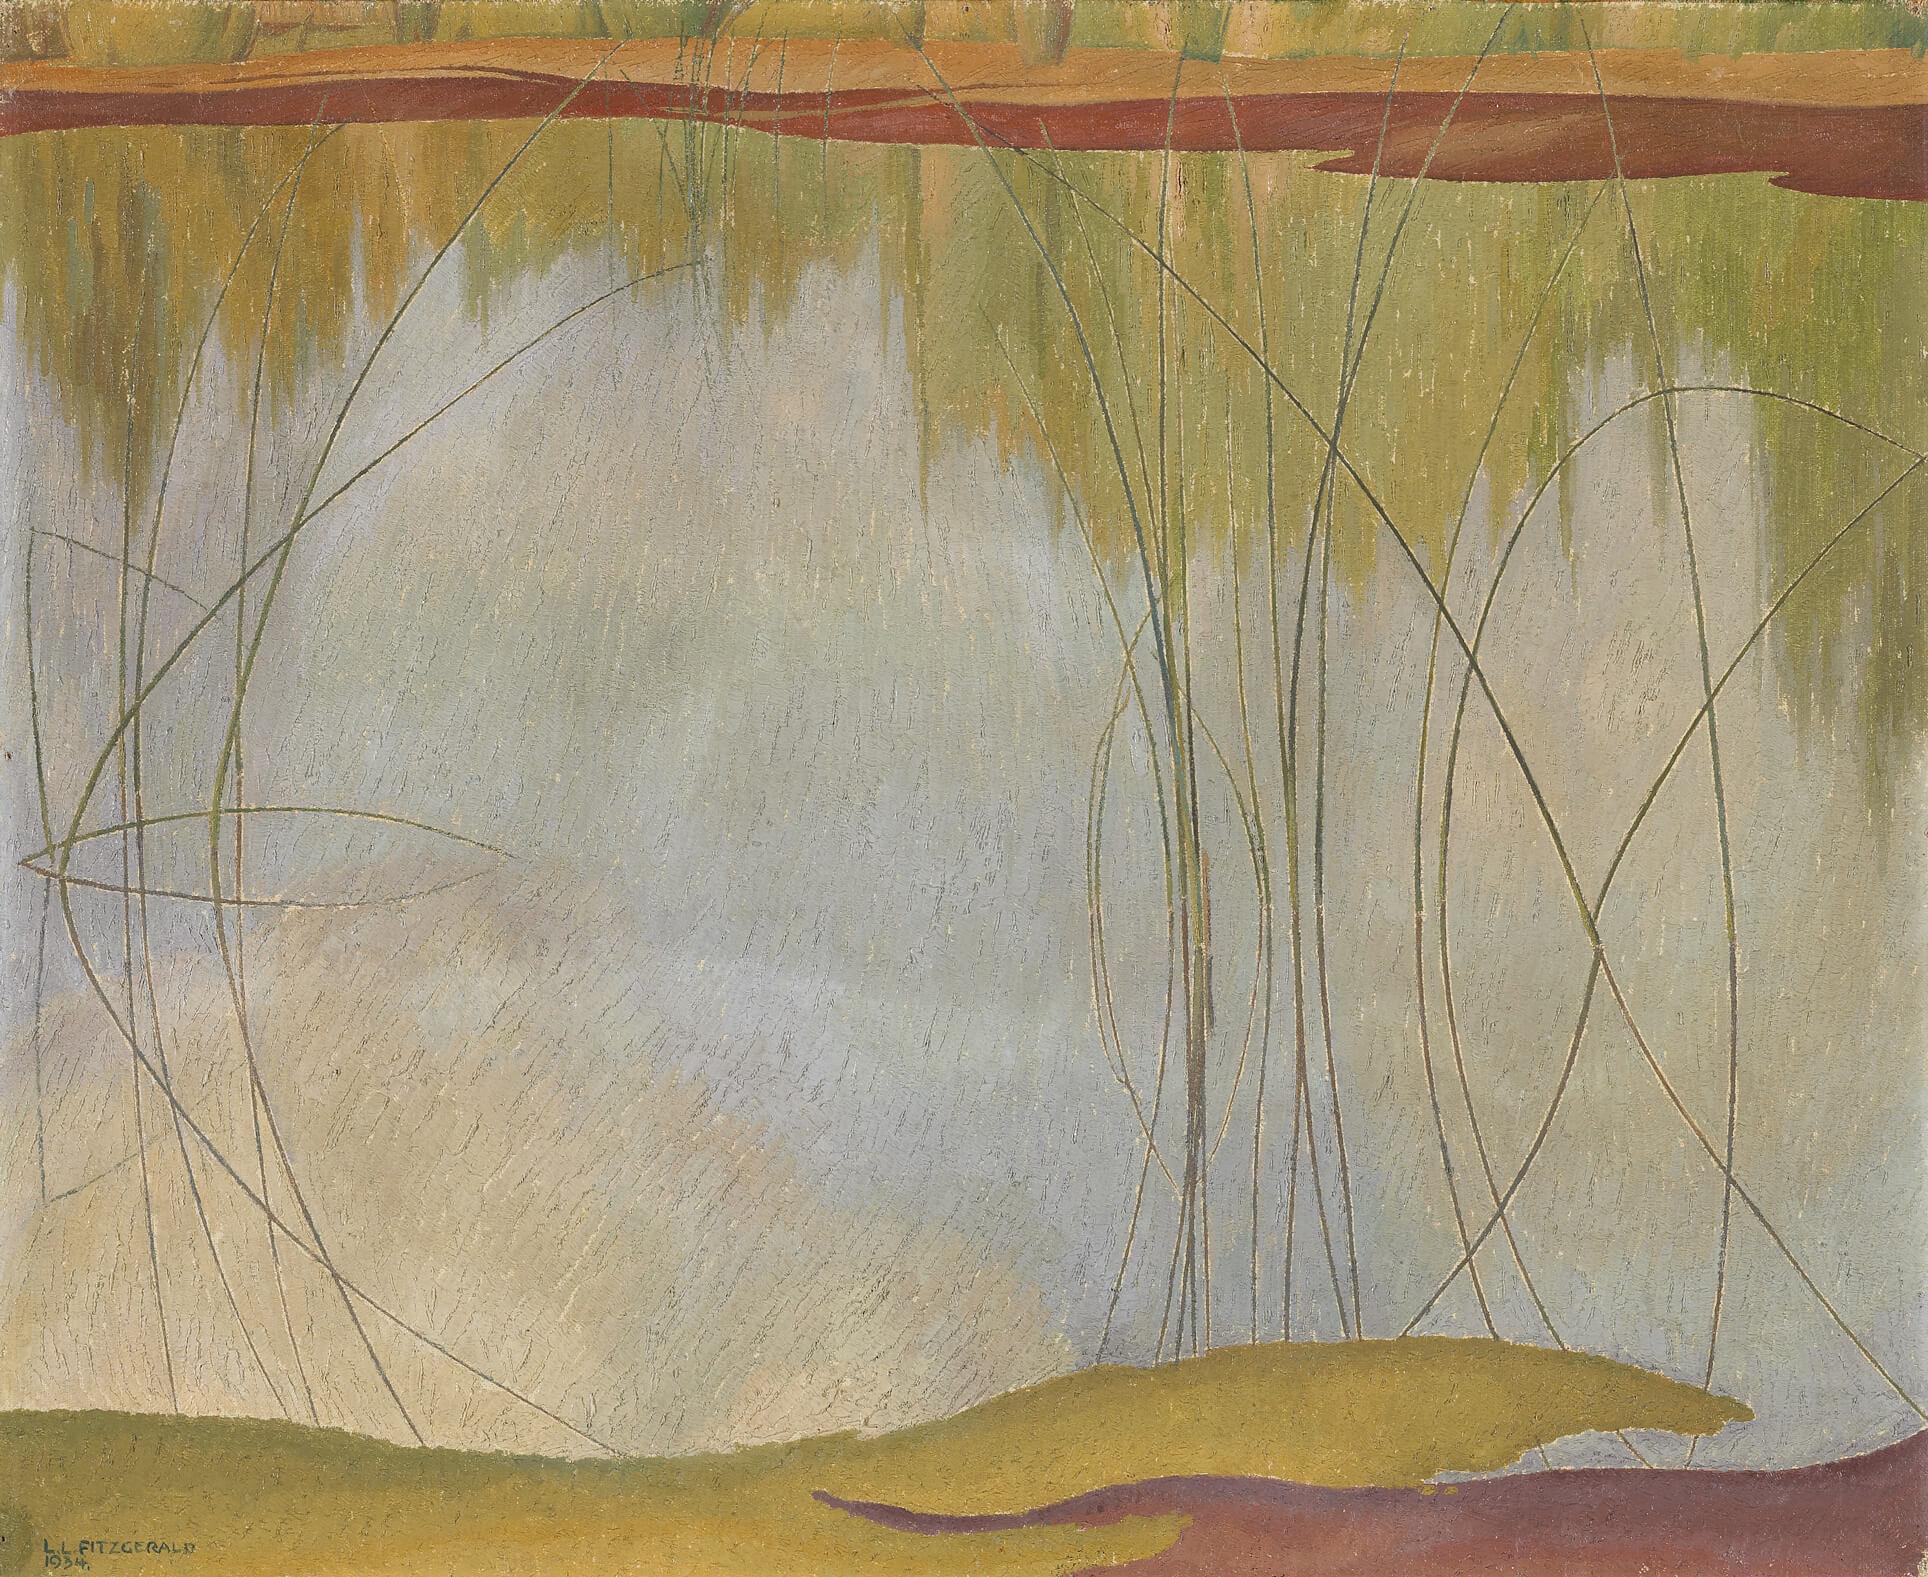 Lionel LeMoine FitzGerald, L'étang, 1934